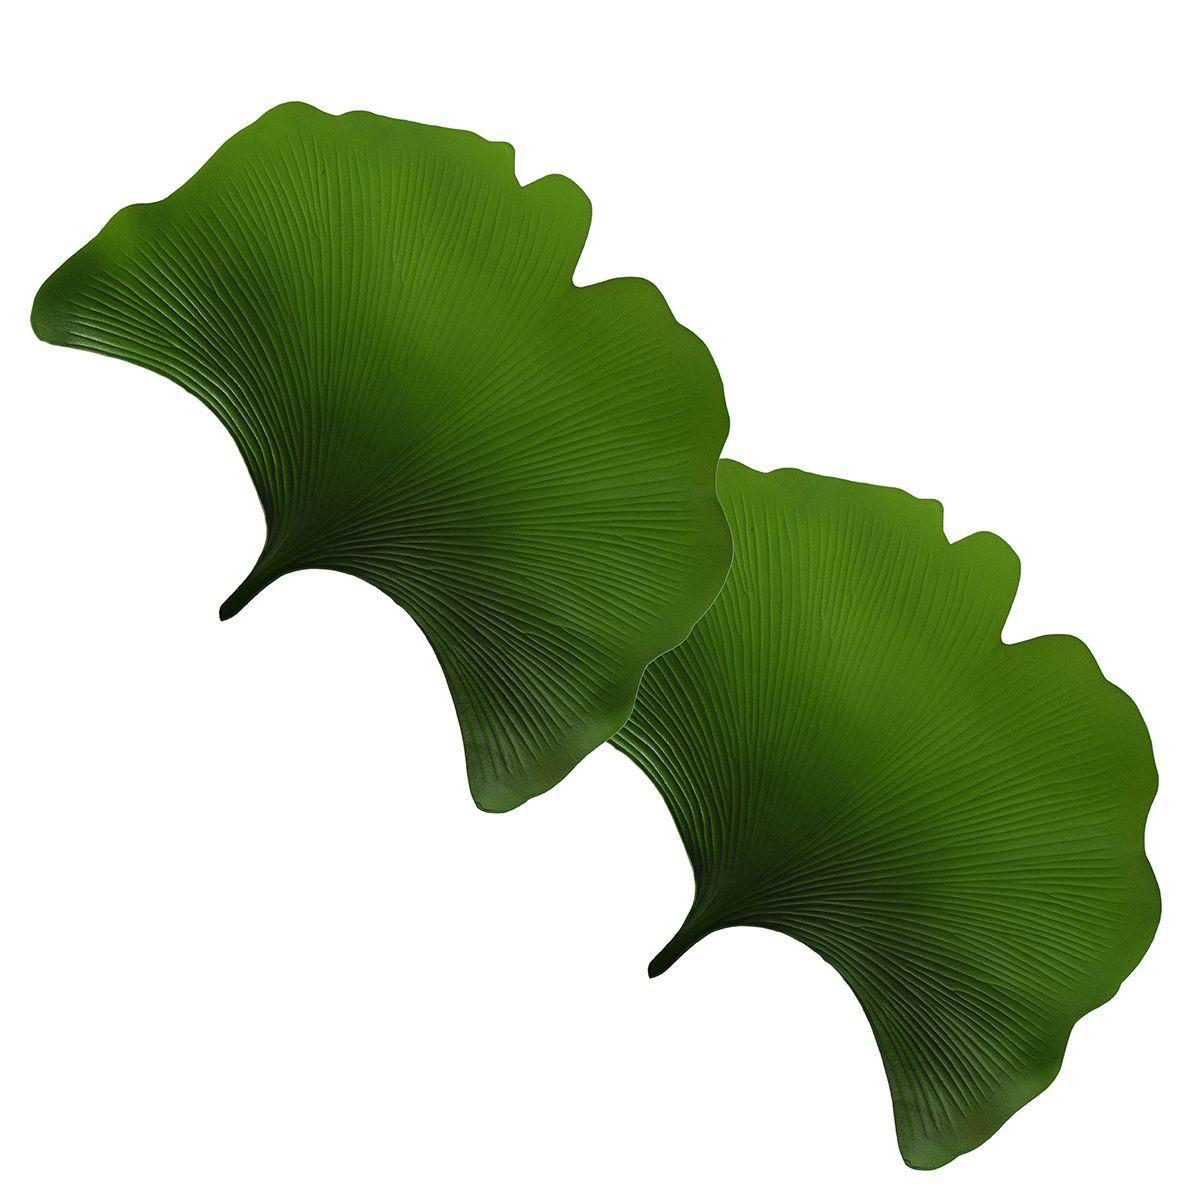 Подставки под посуду в форме листьев Гинкго Билоба